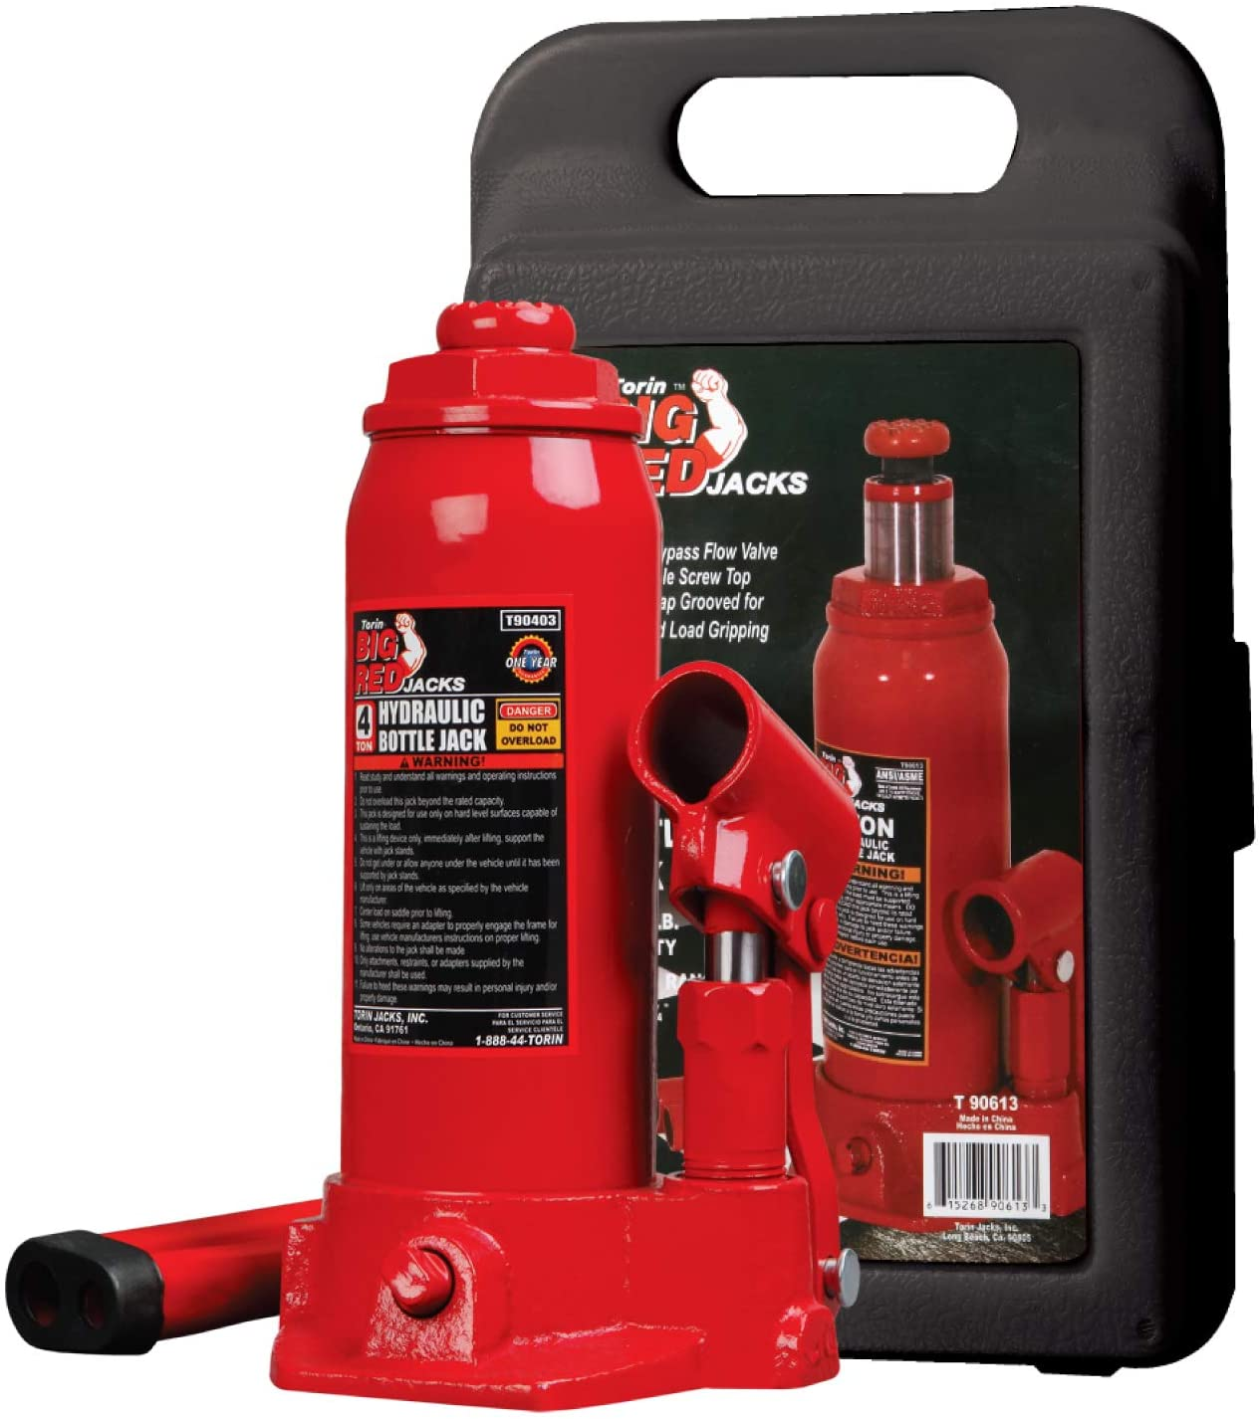 New 4 Ton Hydraulic Bottle Jack 8000lb Lift HEAVY DUTY Automotive